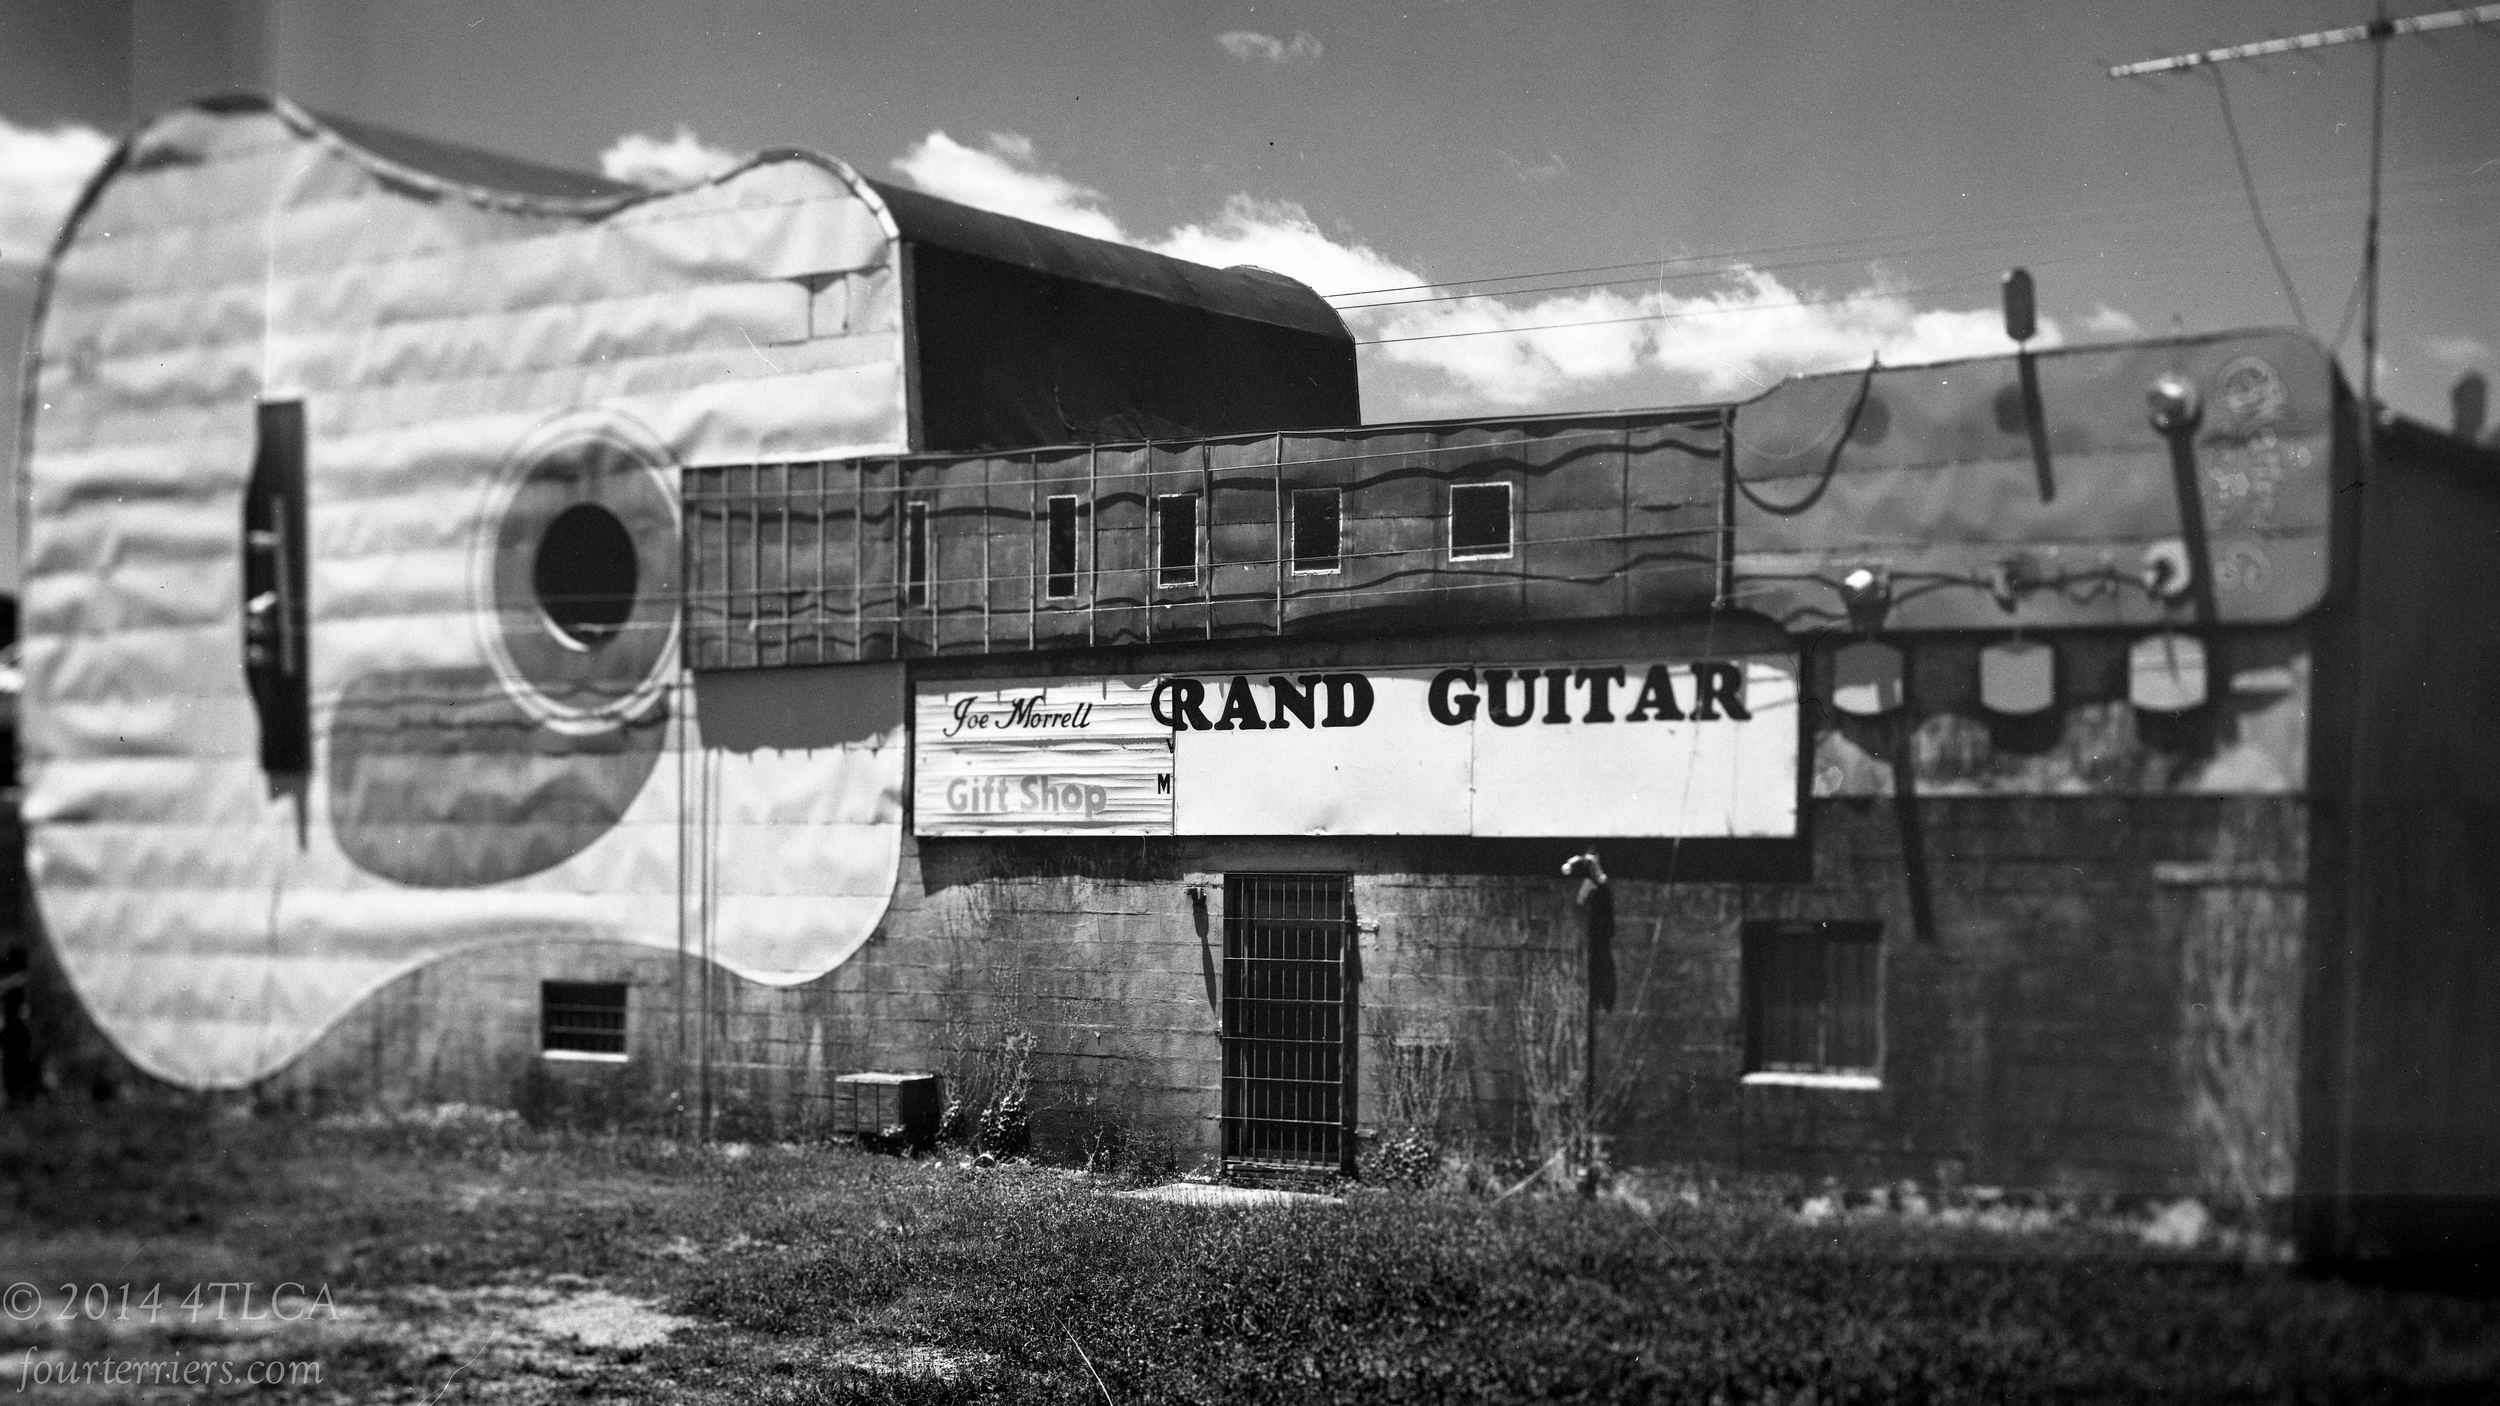 GRAND Guitar